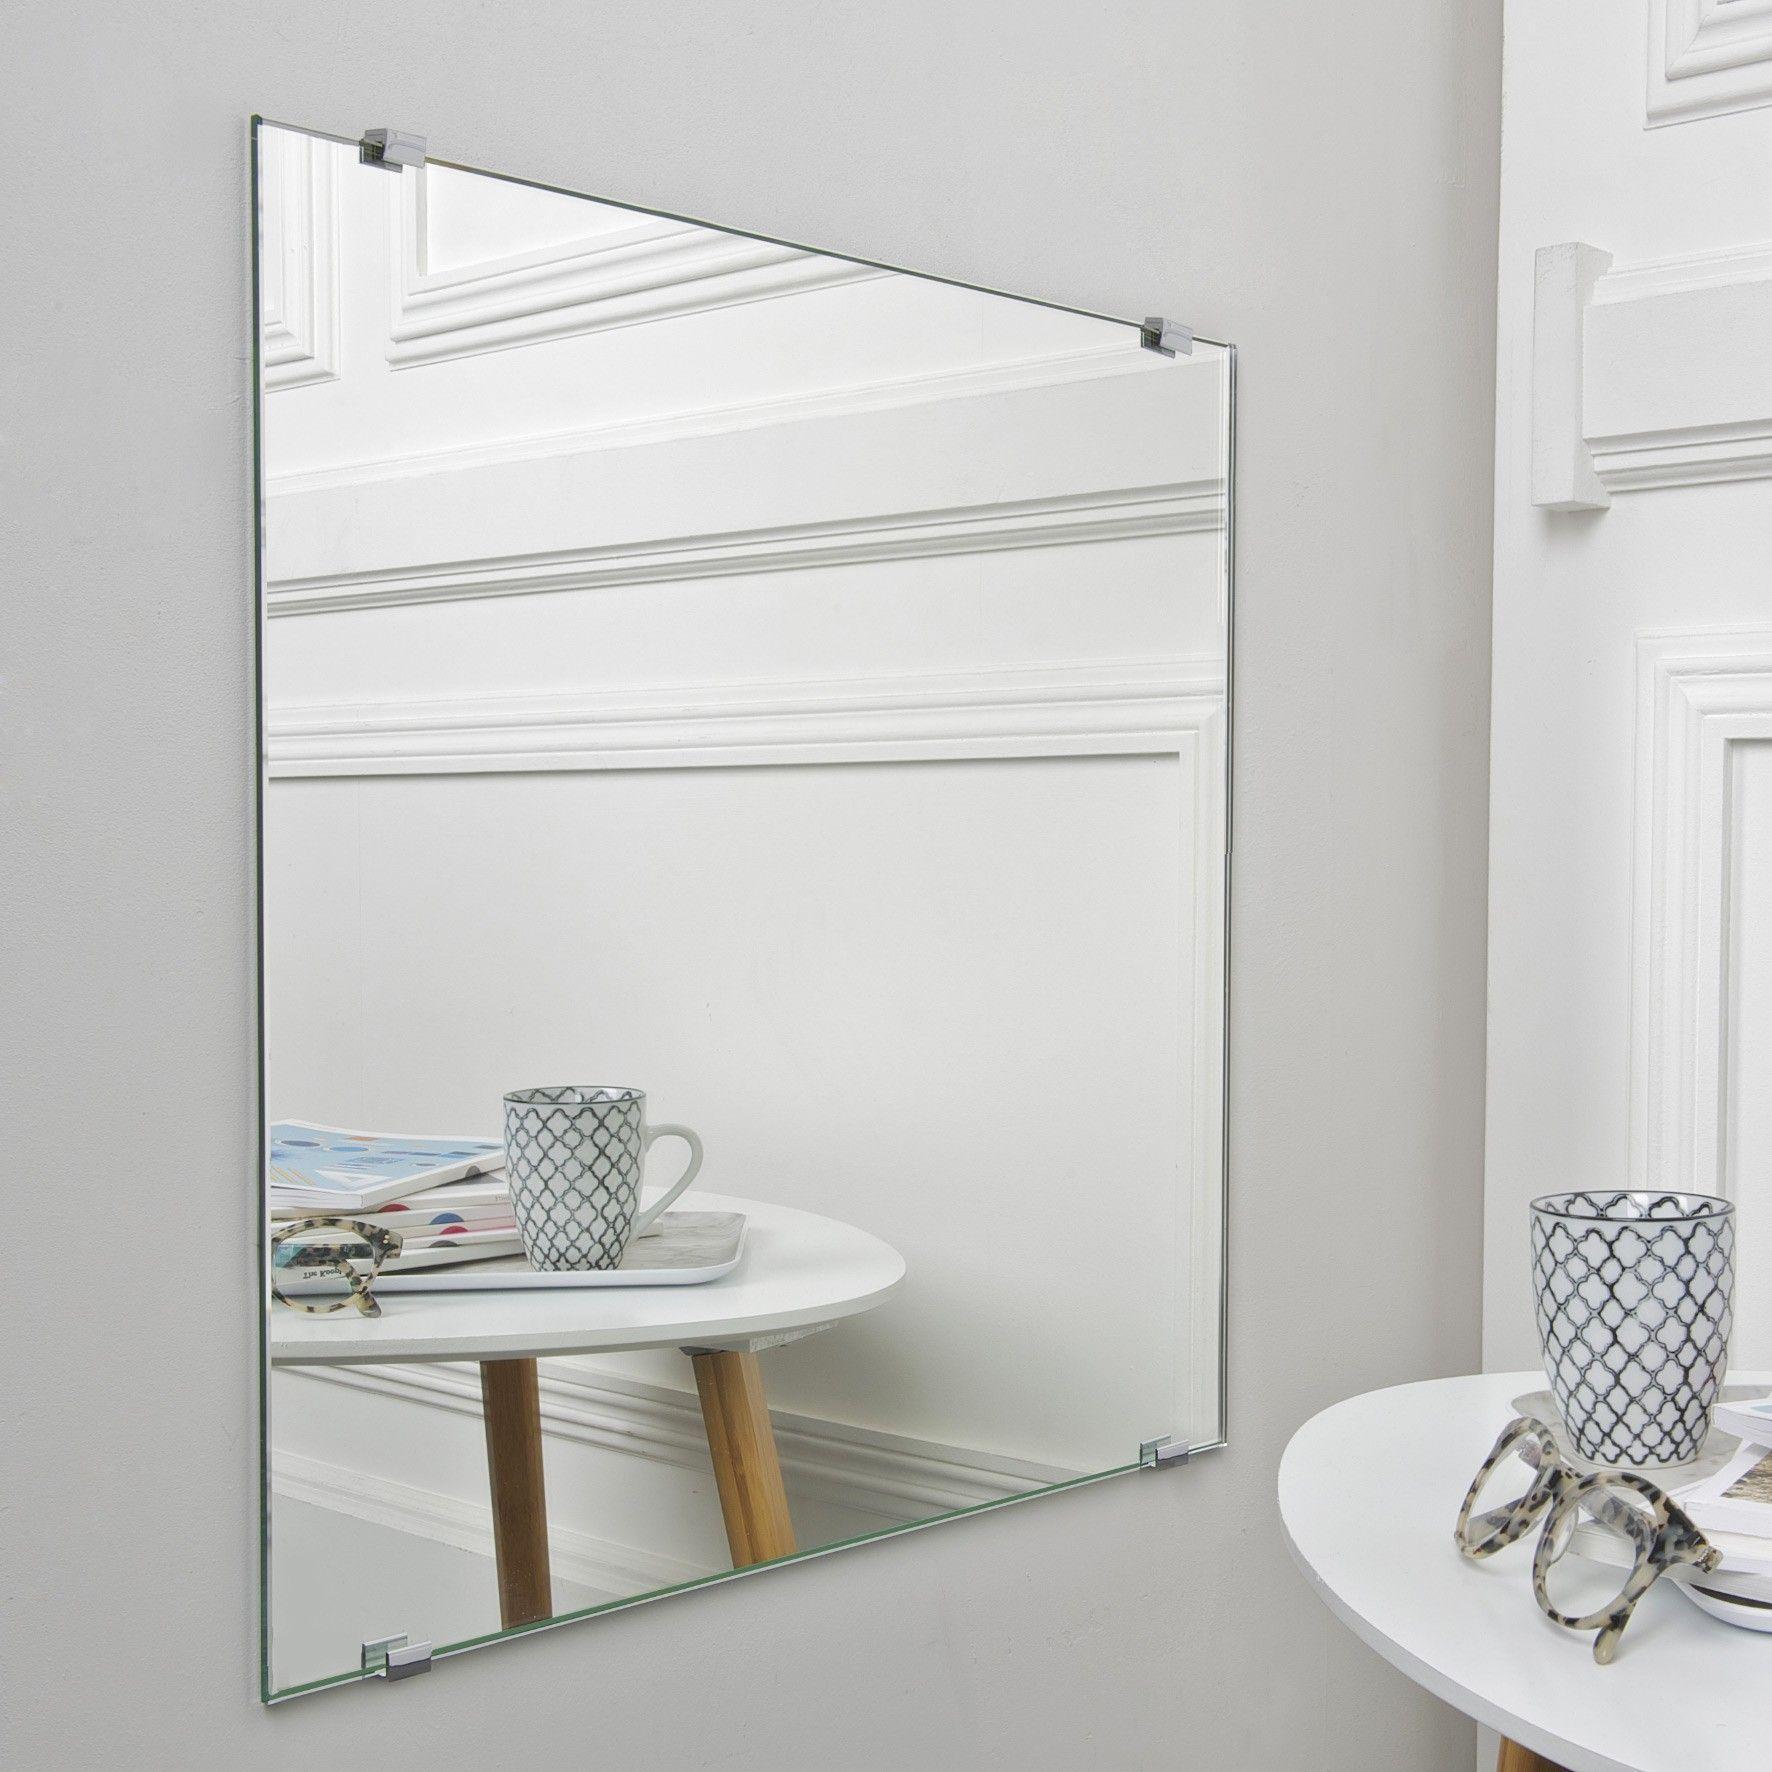 Miroir sans tain espion paisseur 6 mm for Verre miroir sans tain